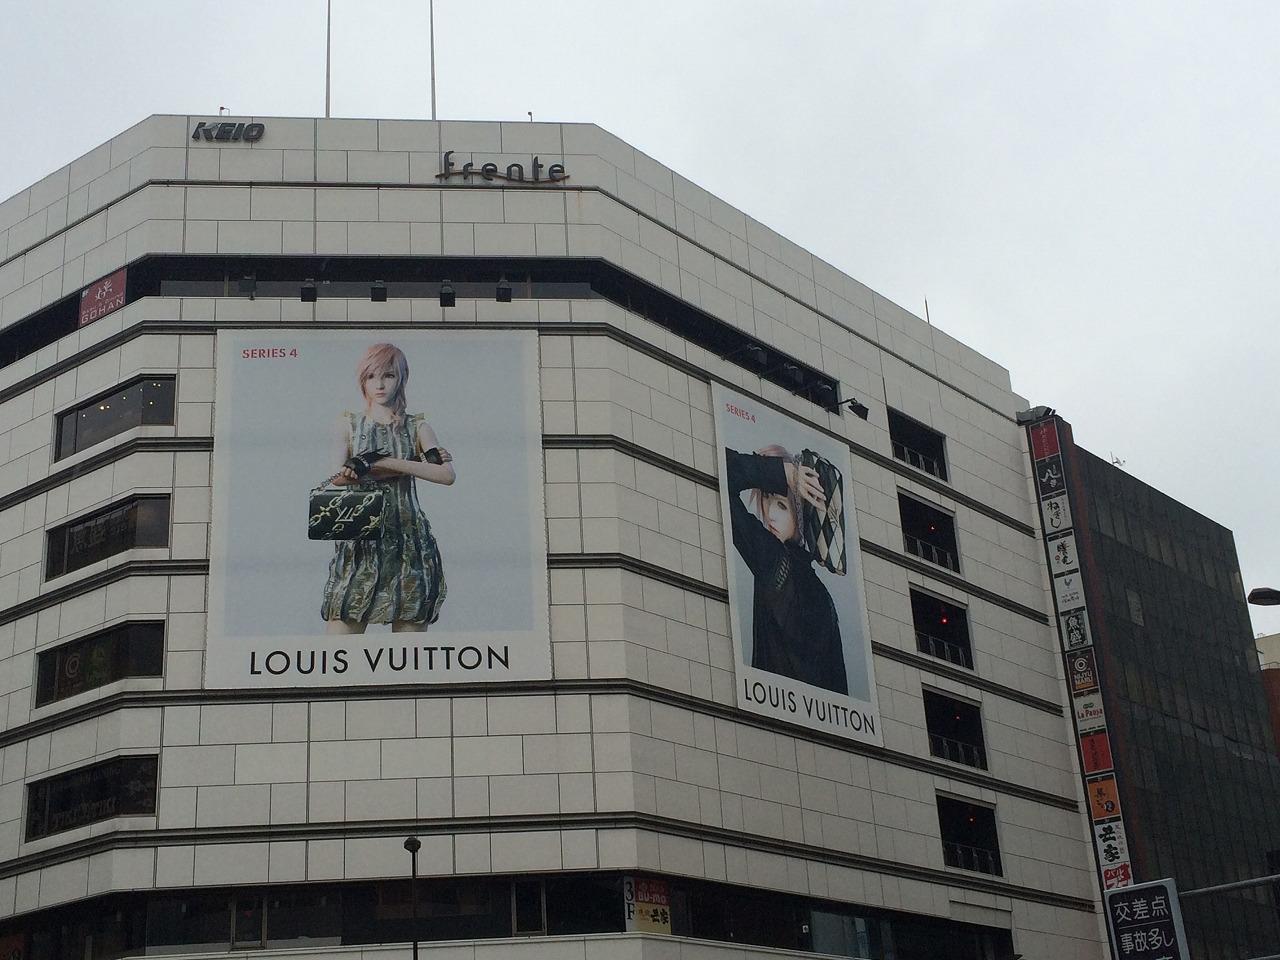 ルイ ヴィトン 2016ssコレクション ももちゃんの看板 広告 製作大好き